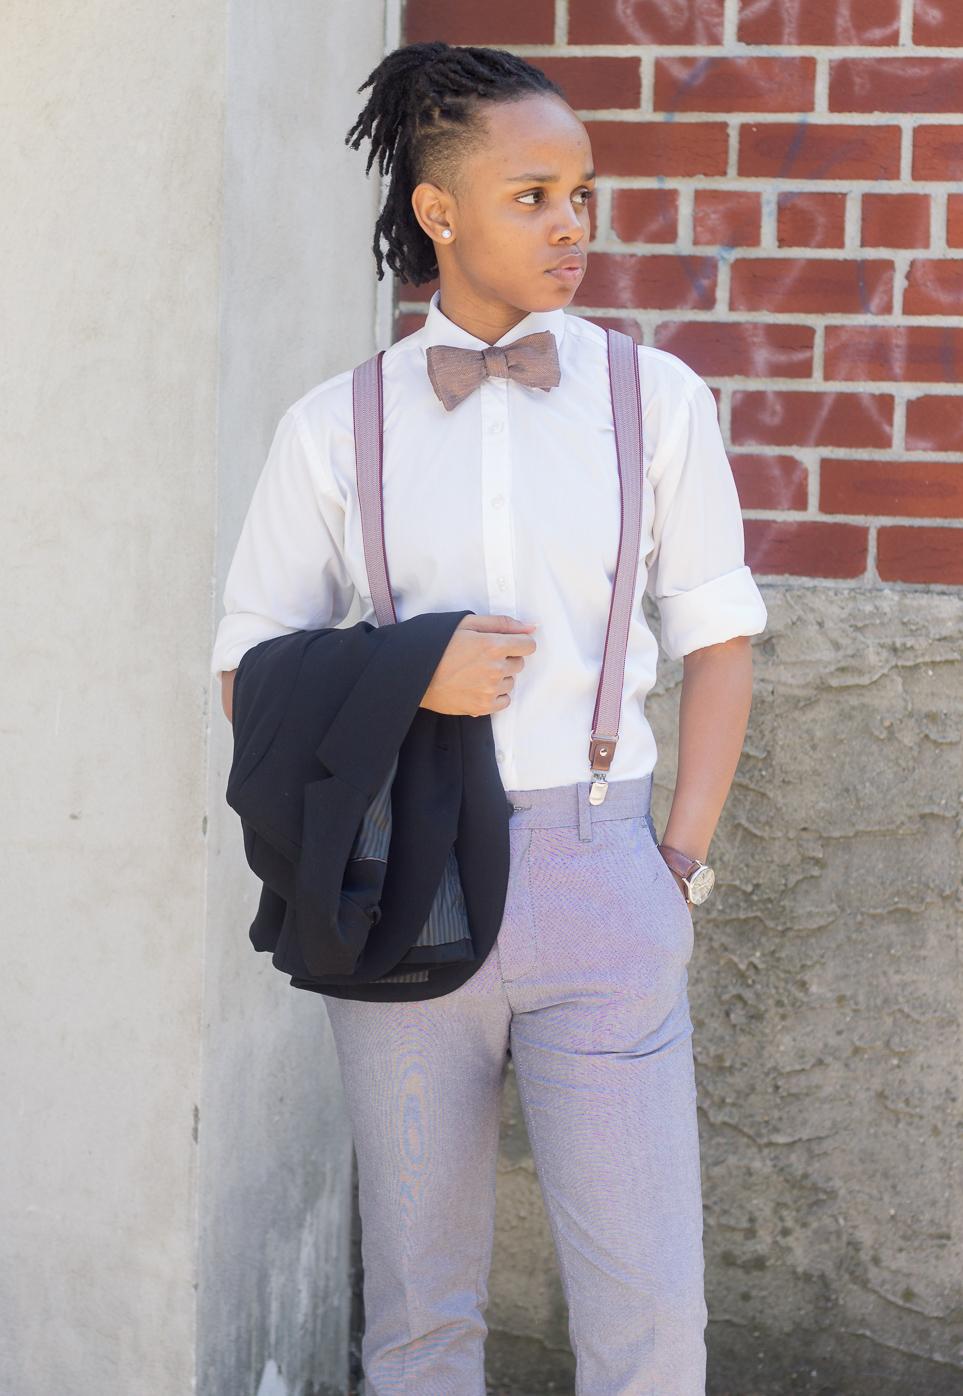 Sara-Suspenders-10.jpg